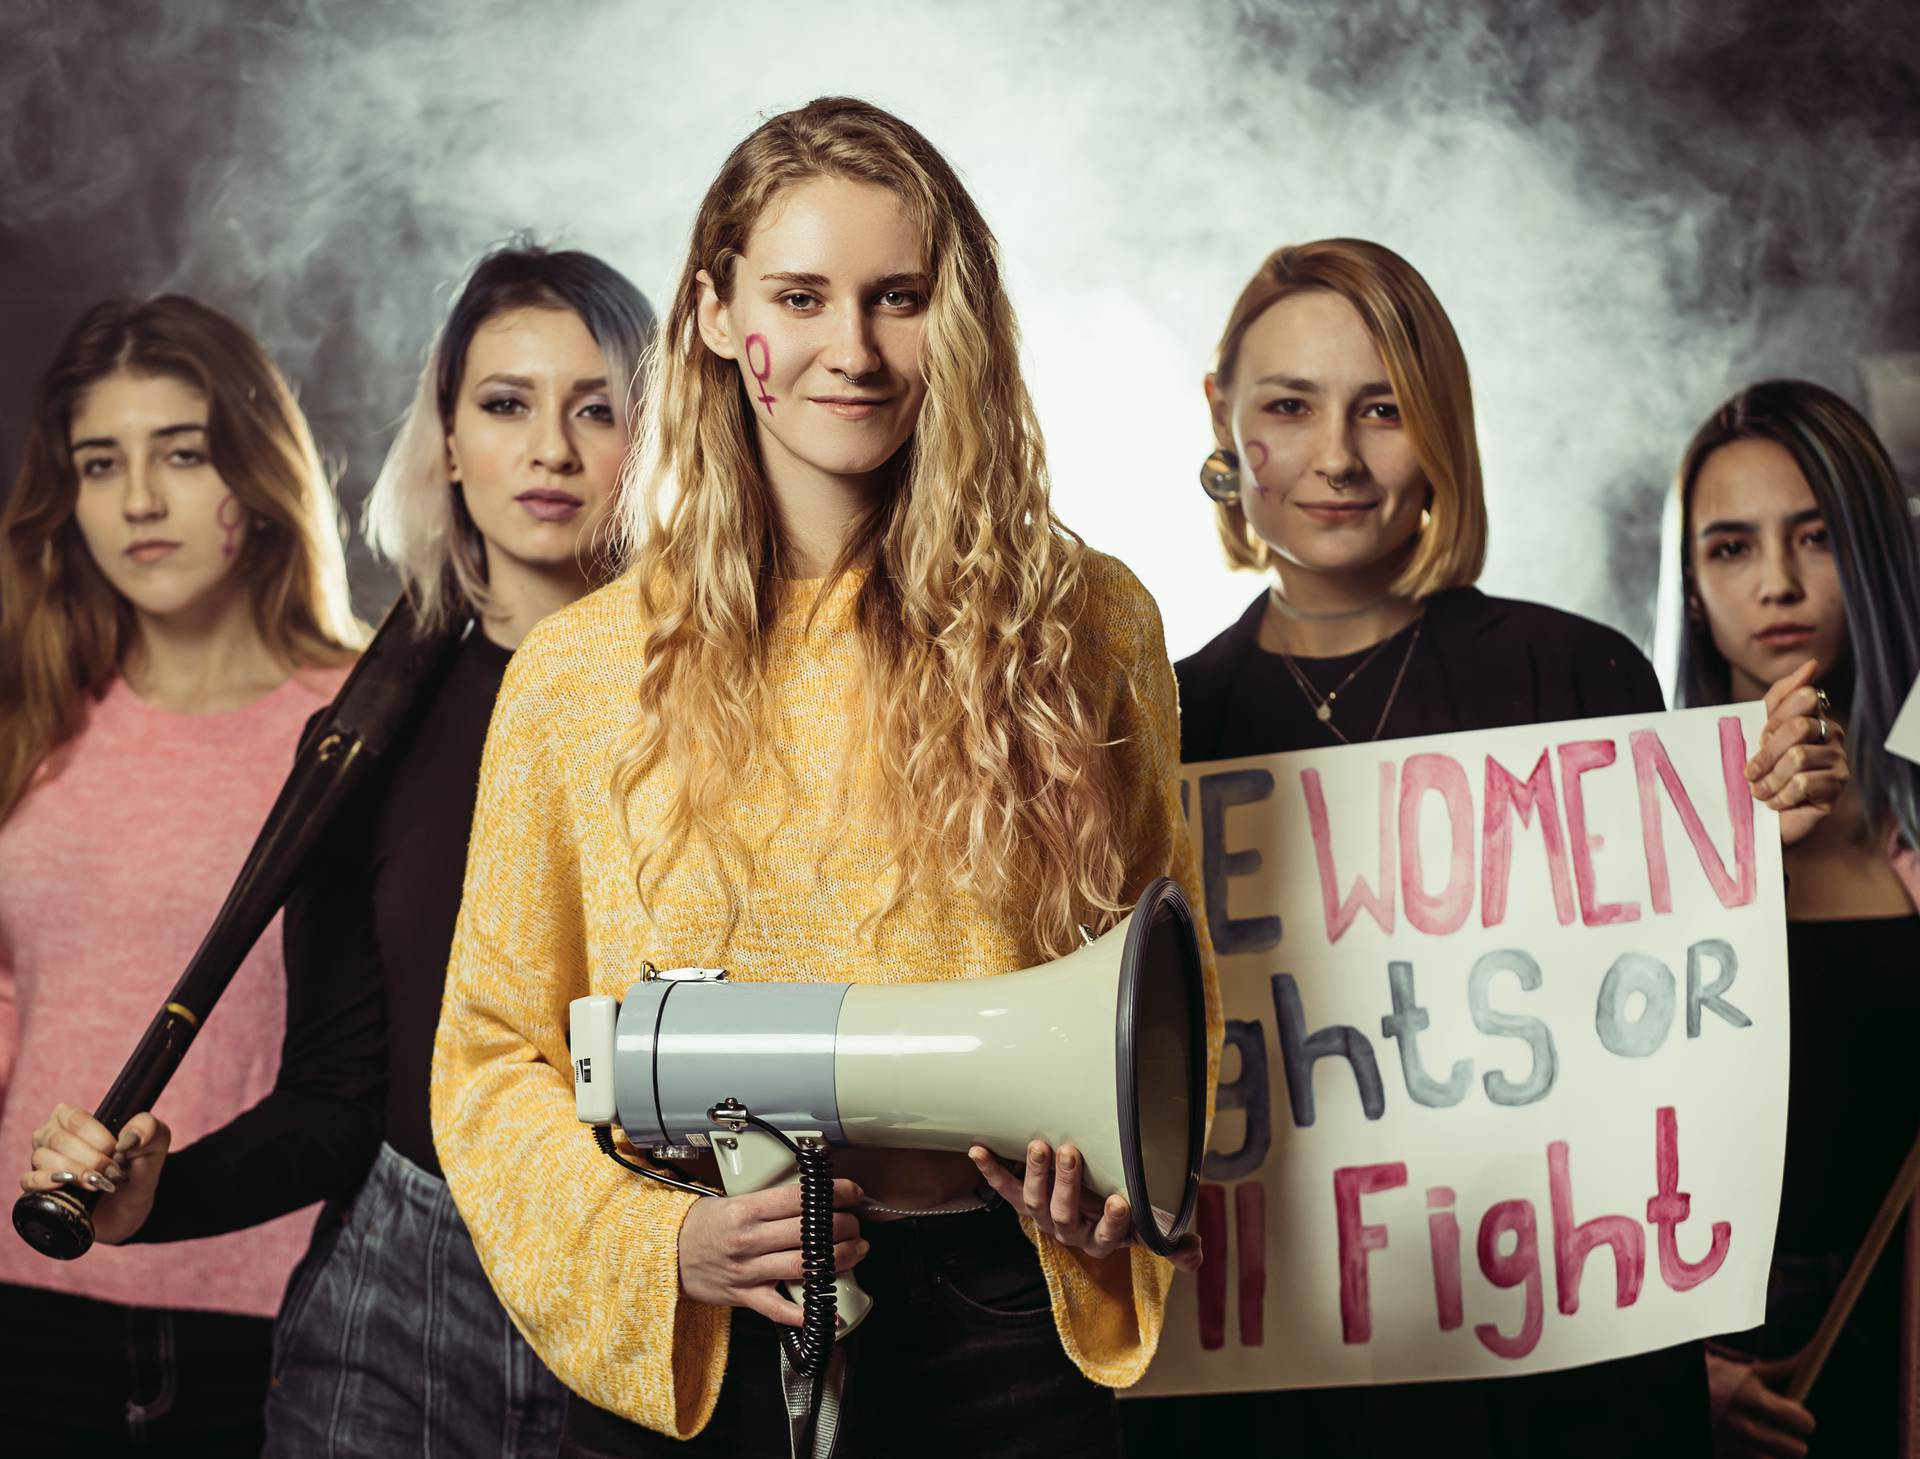 'Žene previše pričaju': Njihov glas je ušutkavan oduvijek, a ni danas nisu glasne u javnosti